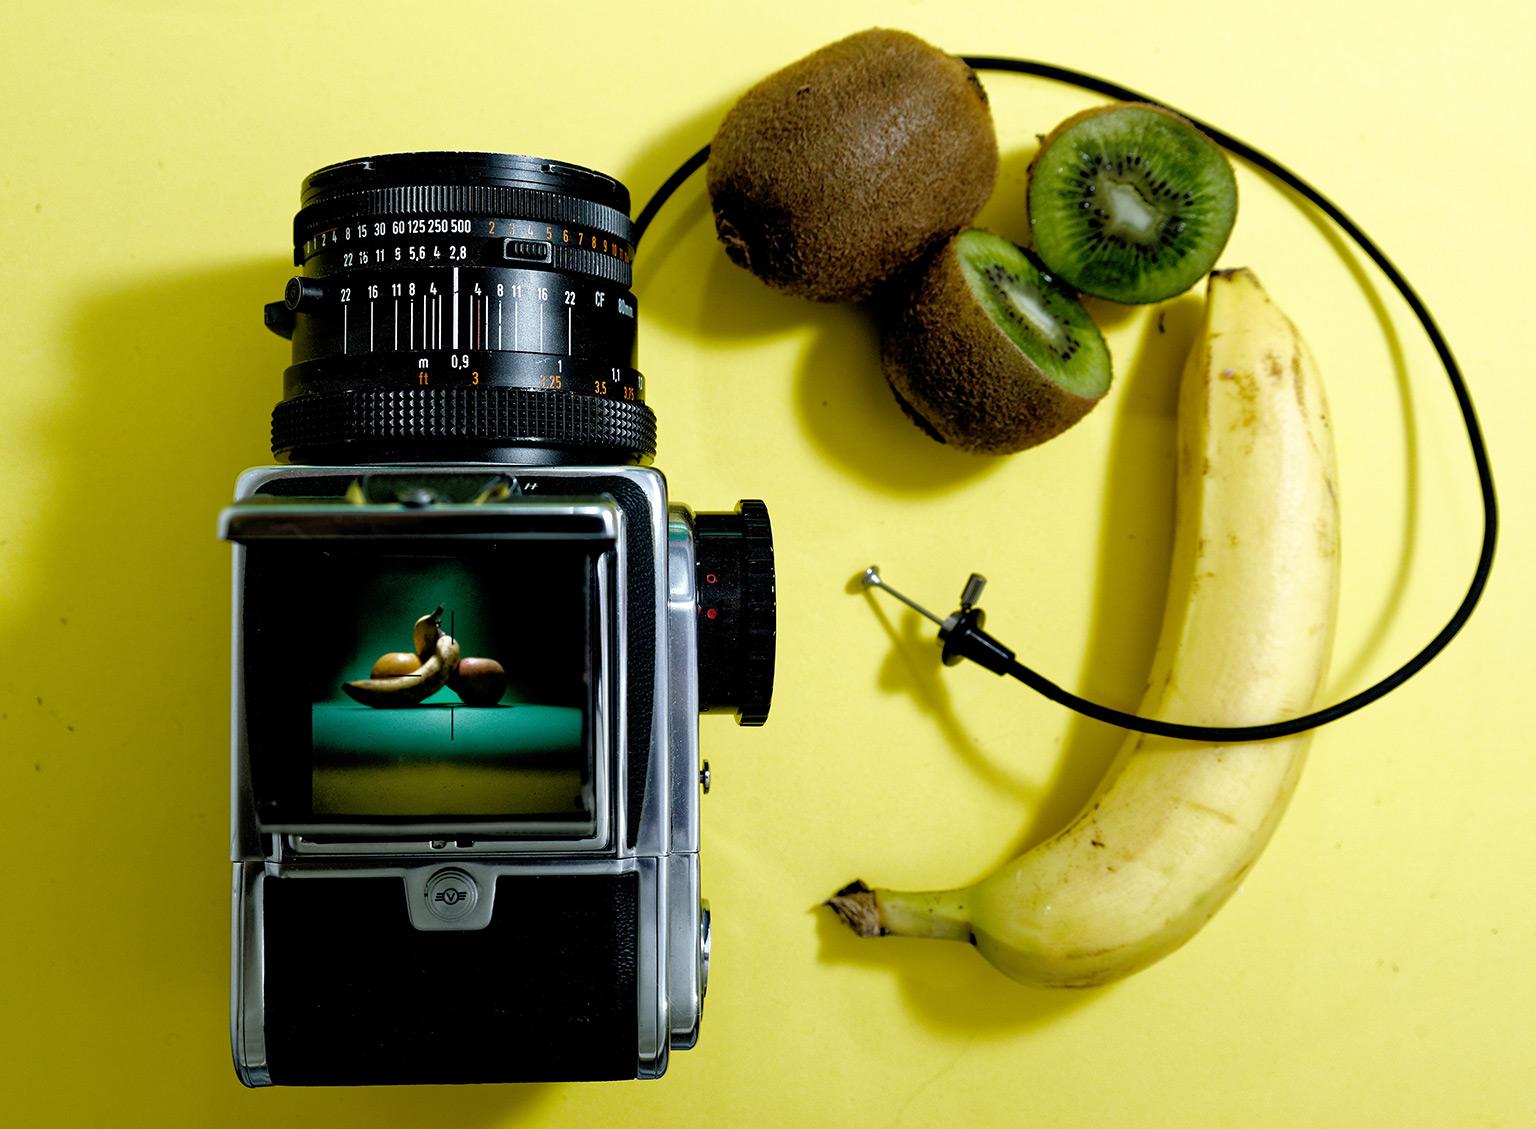 Crescere e Maturare in Fotografia 10 regole per diventare fotografo professionista